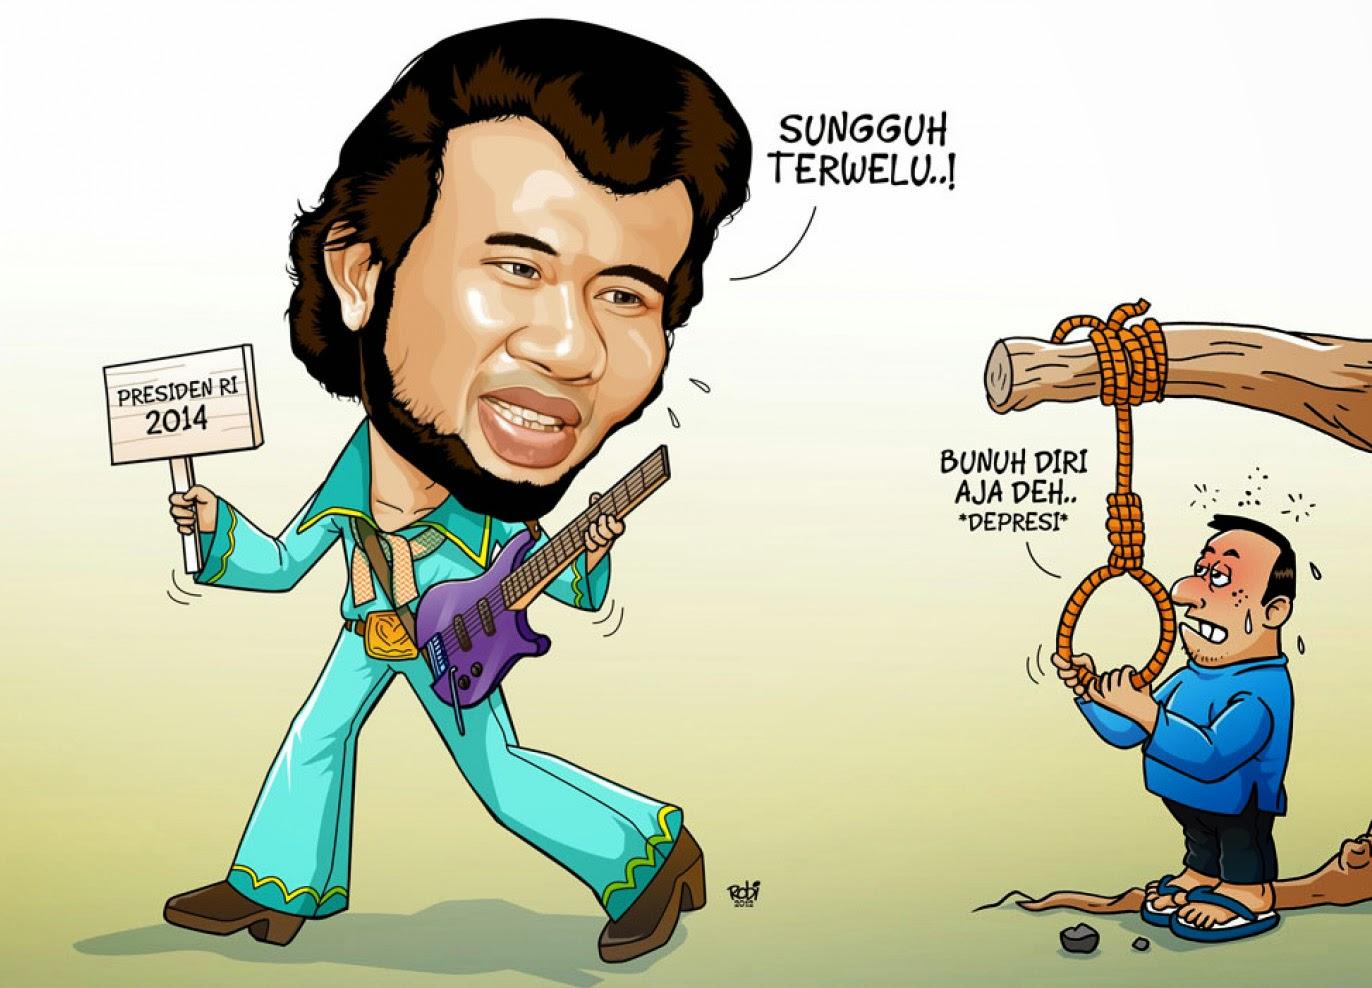 Kumpulan Gambar Karikatur Lucu Hd